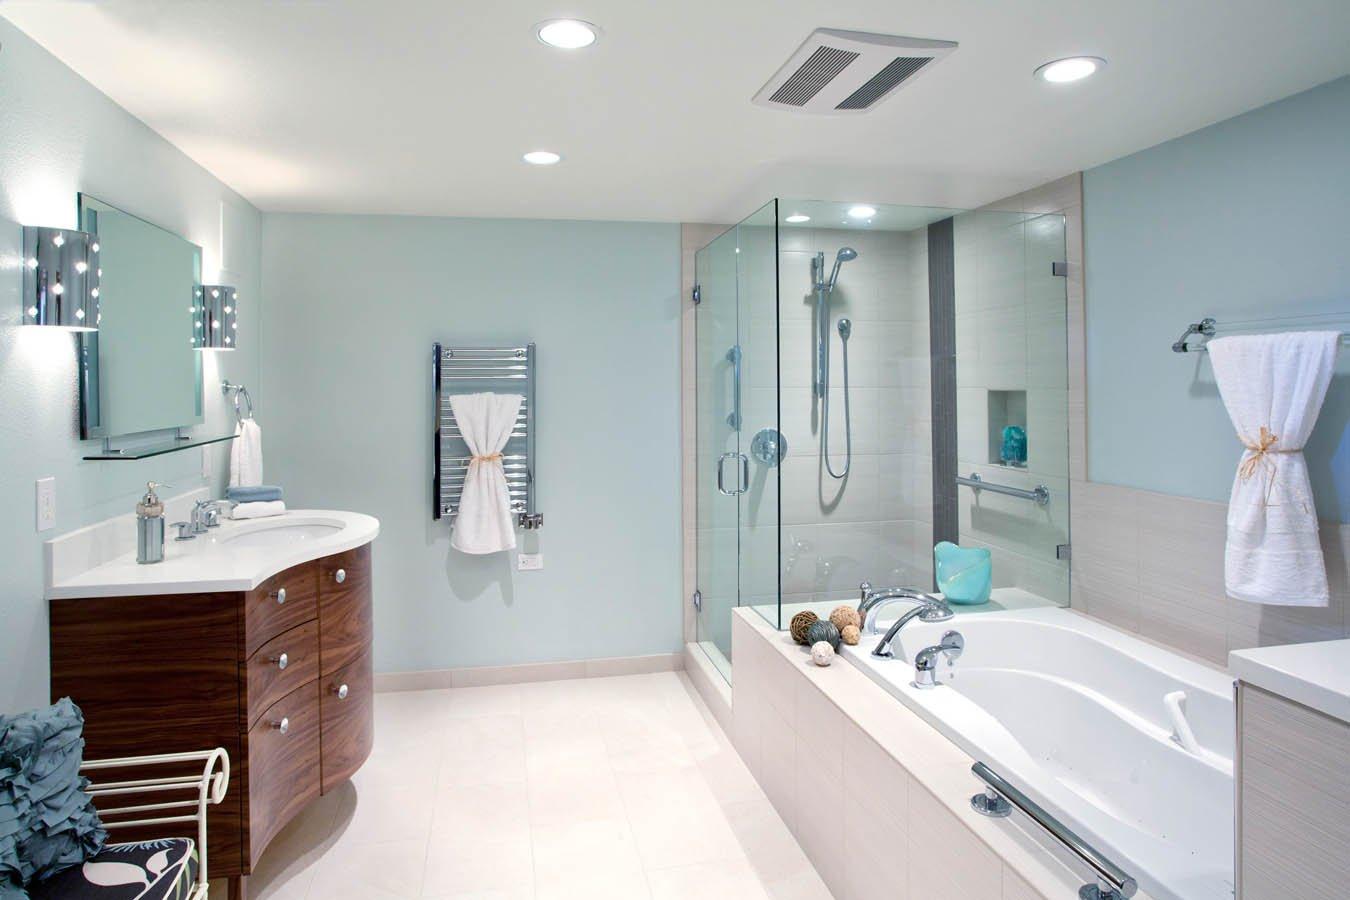 Retro-Transitional interior design